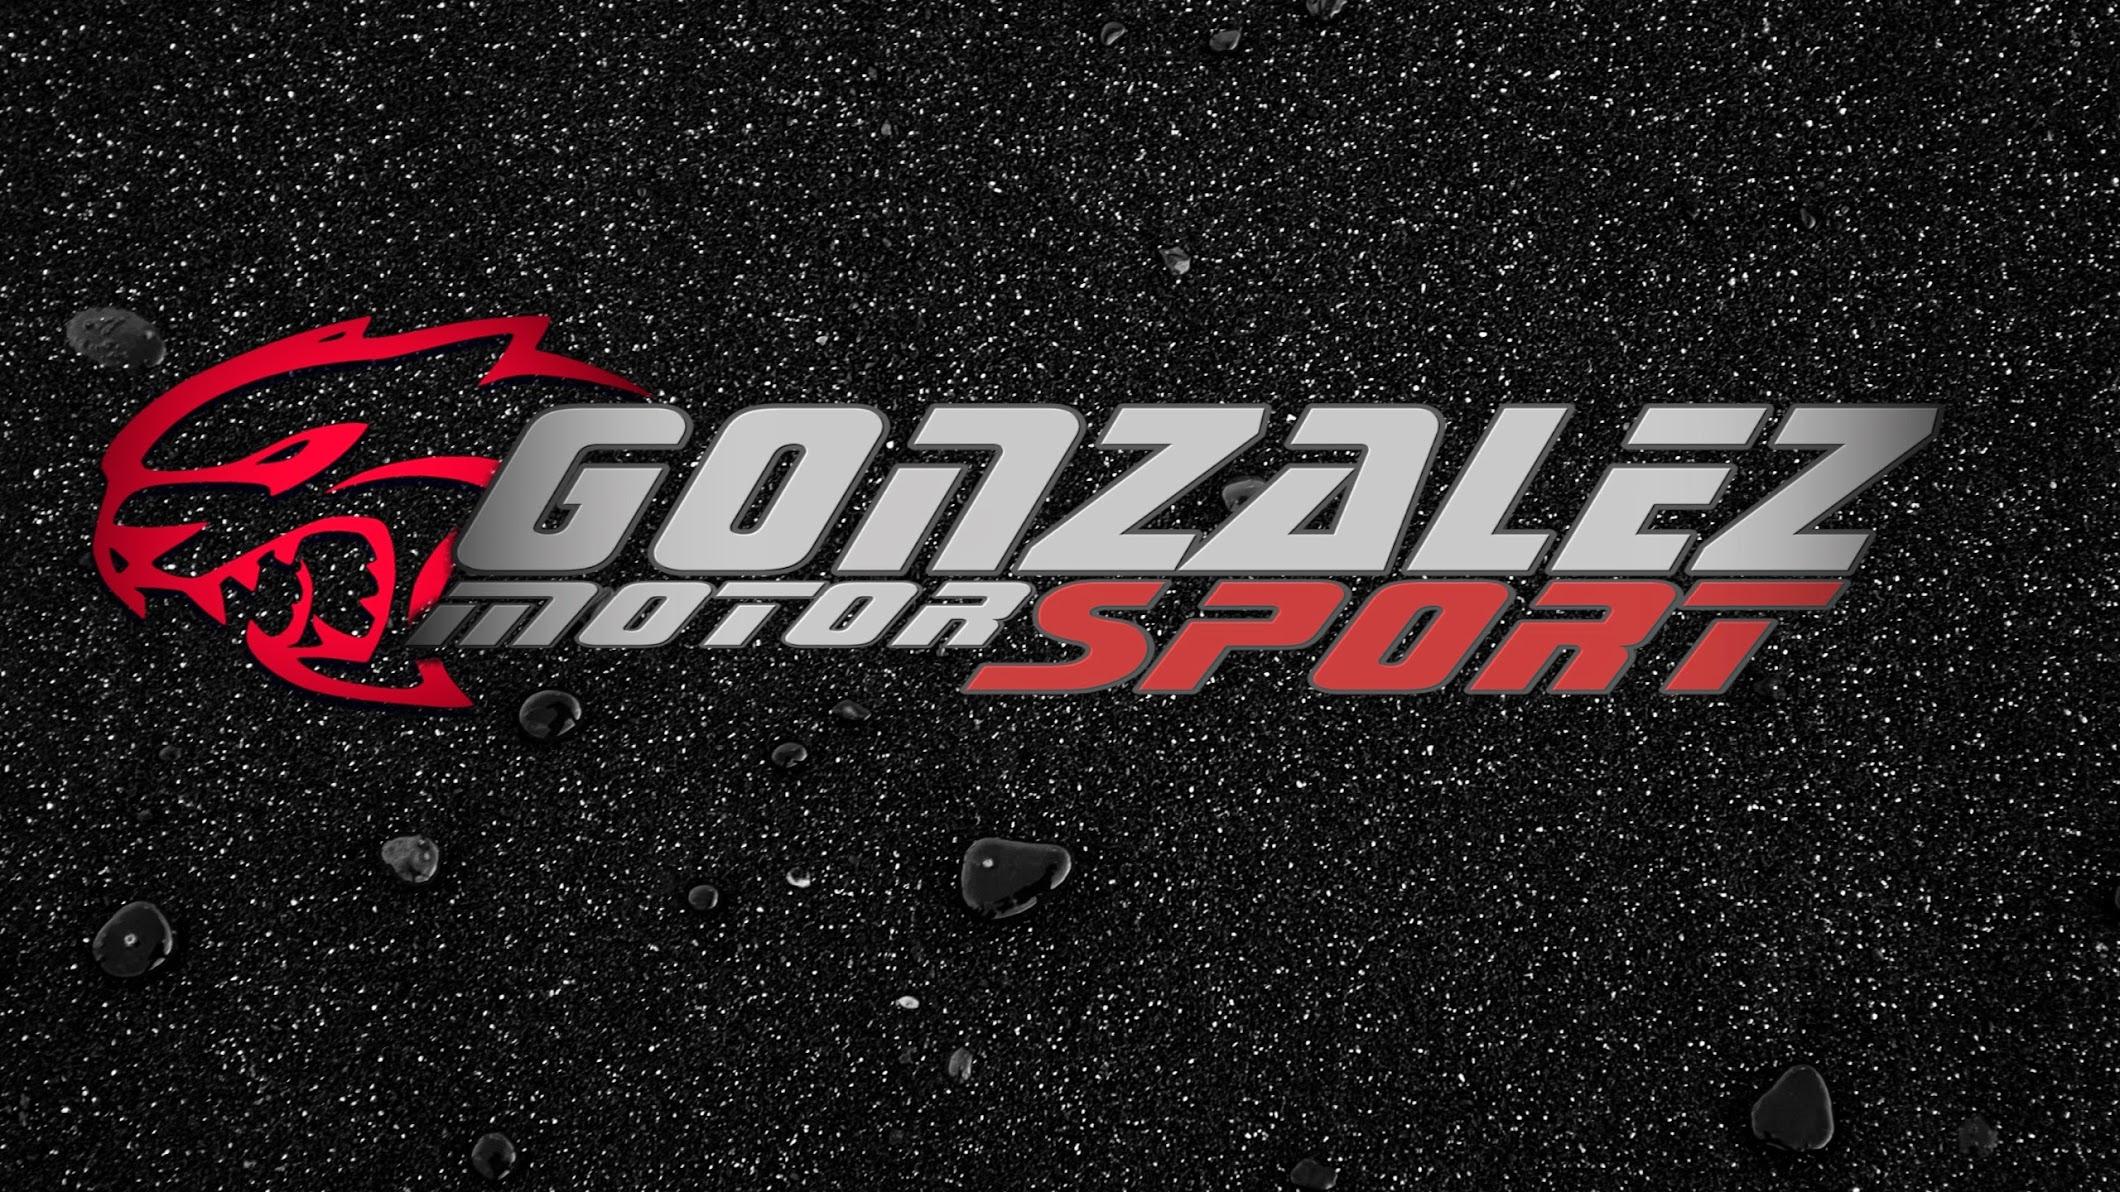 Gonzalez MotorSport